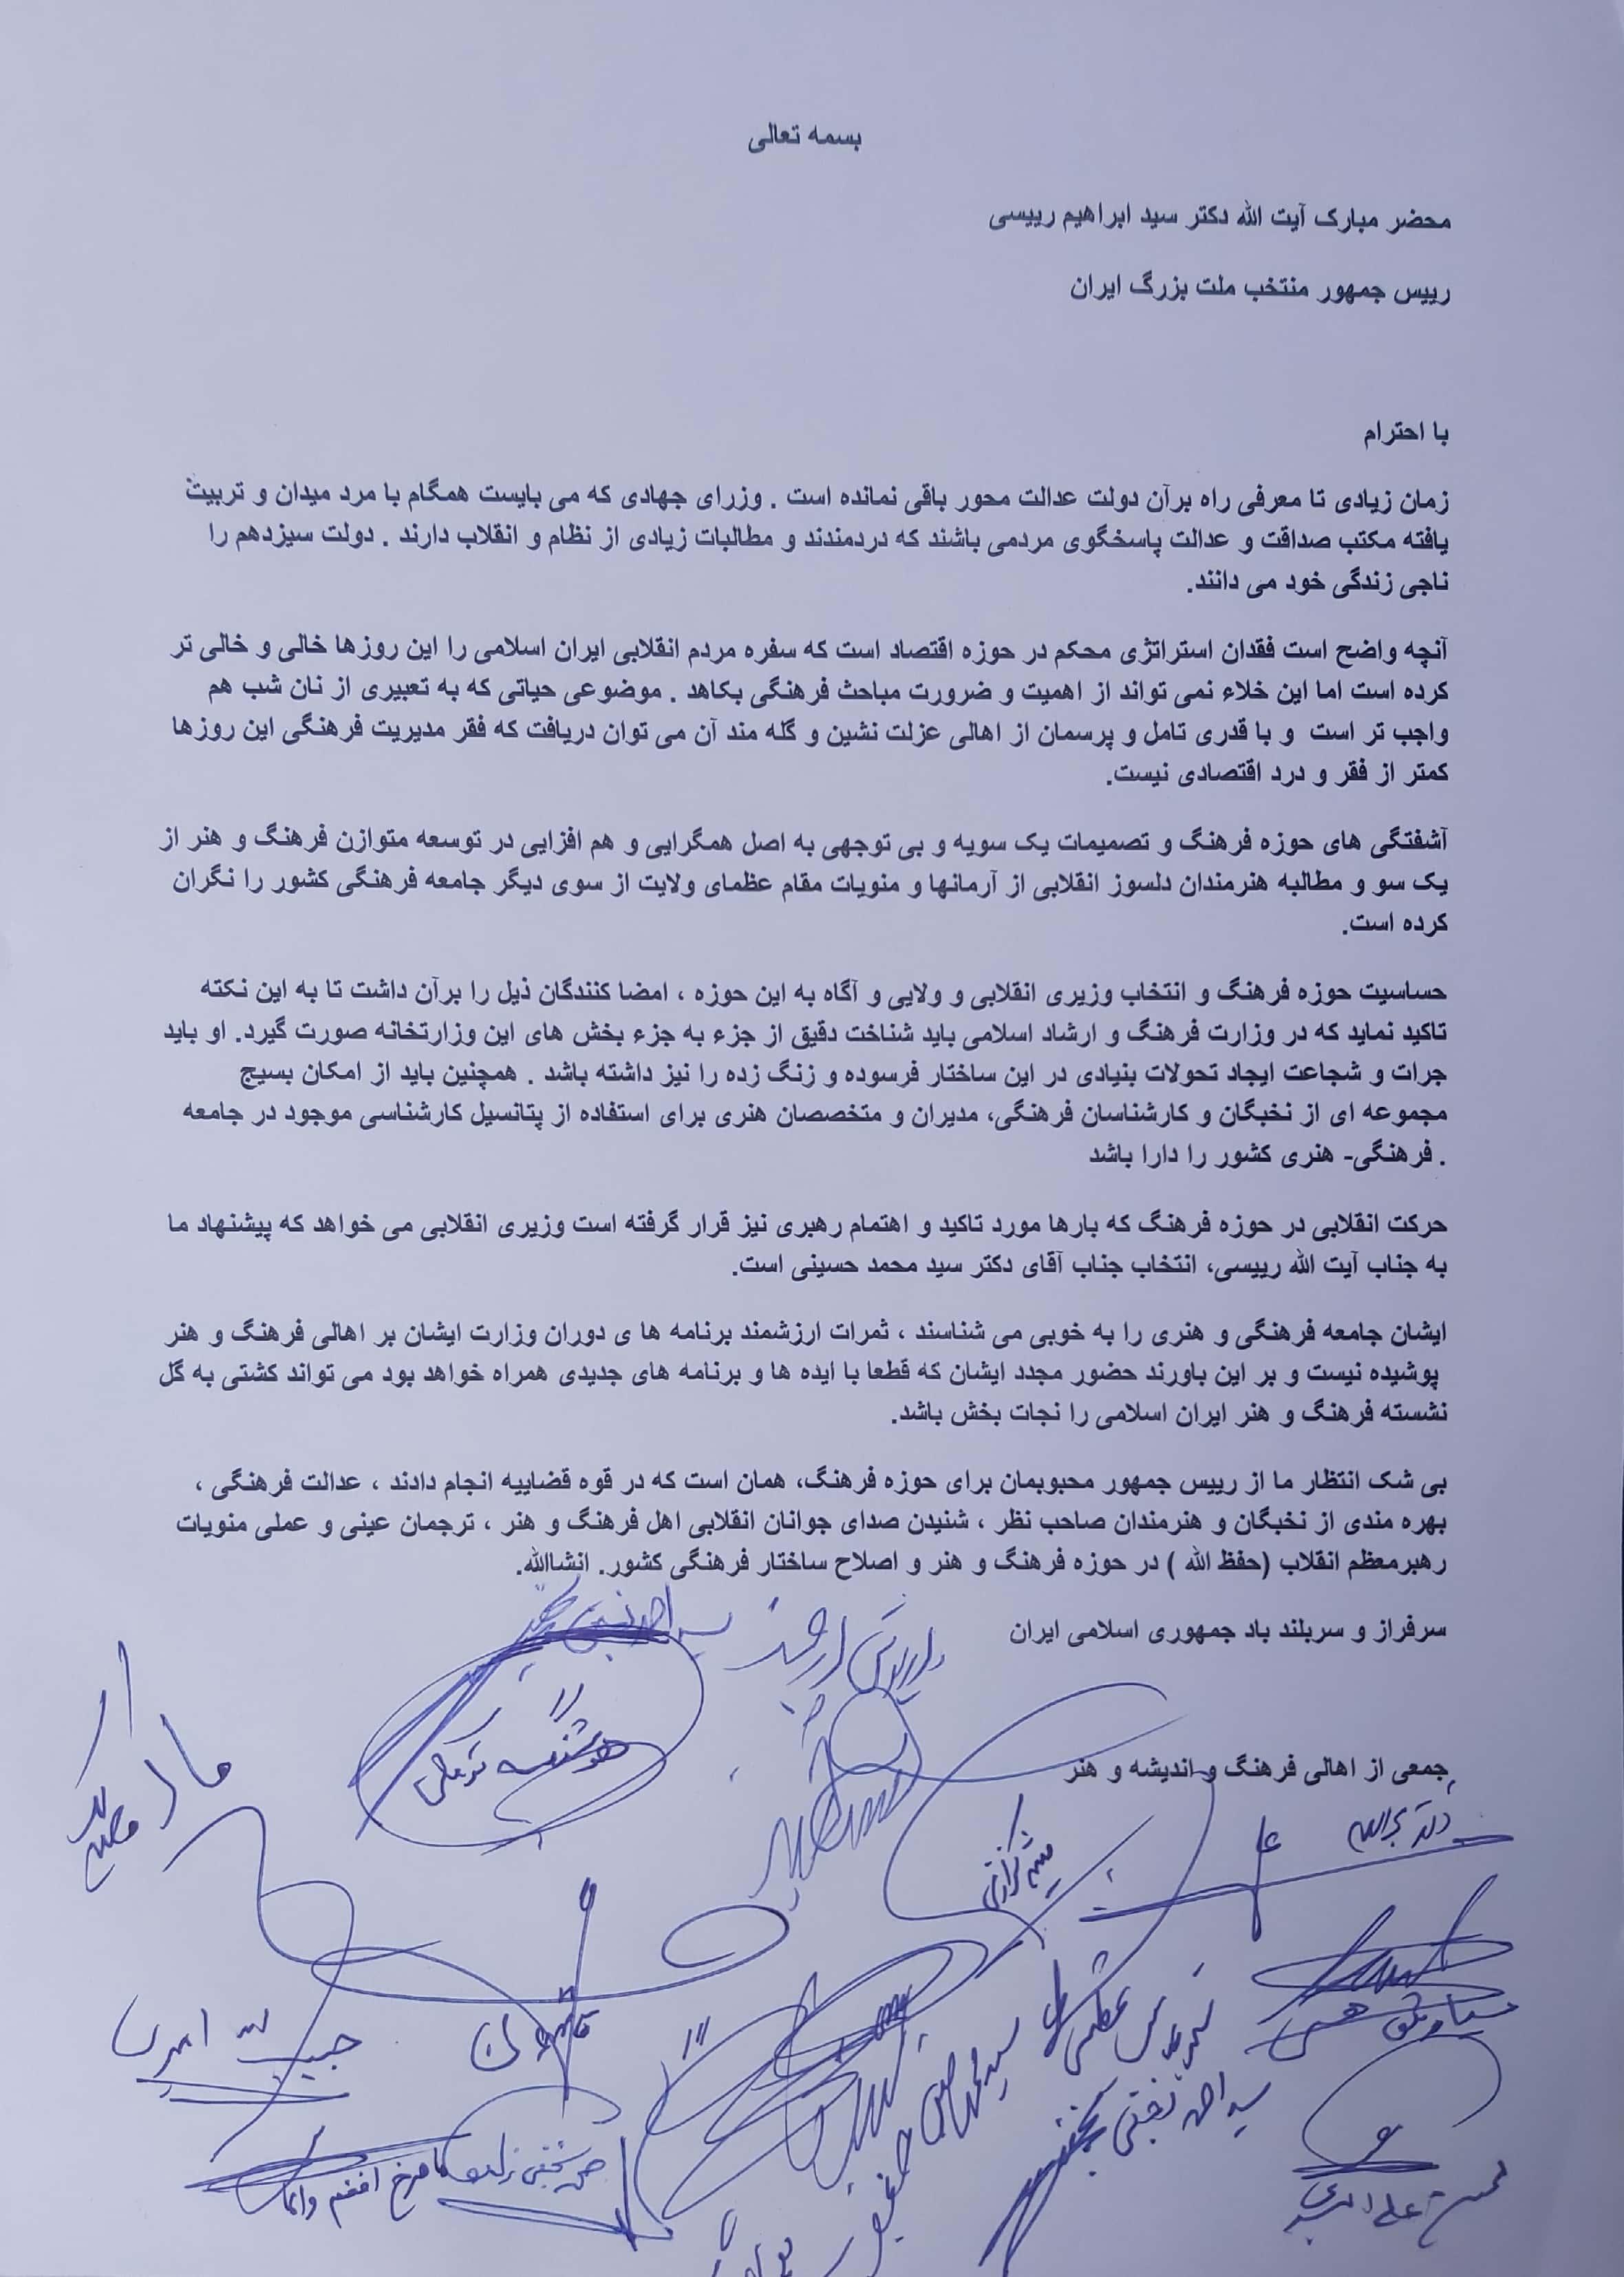 امضا نامه برای پیشنهاد انتصاب سیدمحمد حسینی به  وزرات ارشاد